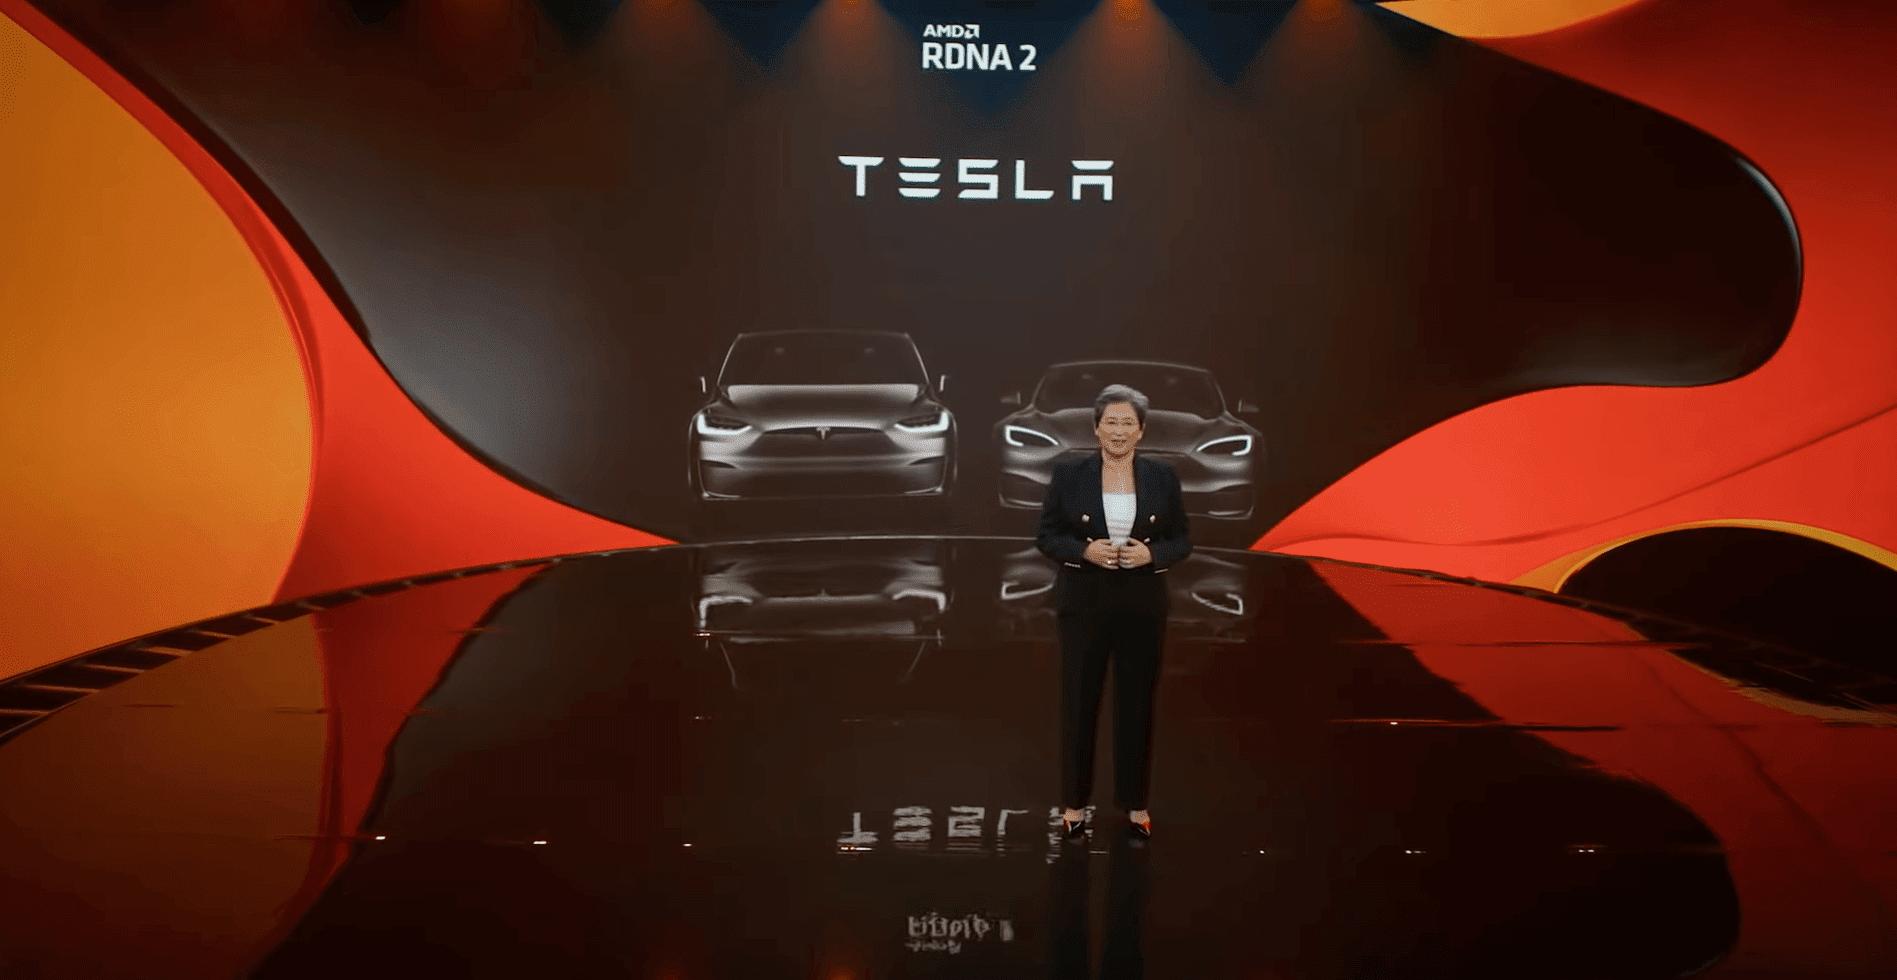 Tesla amd